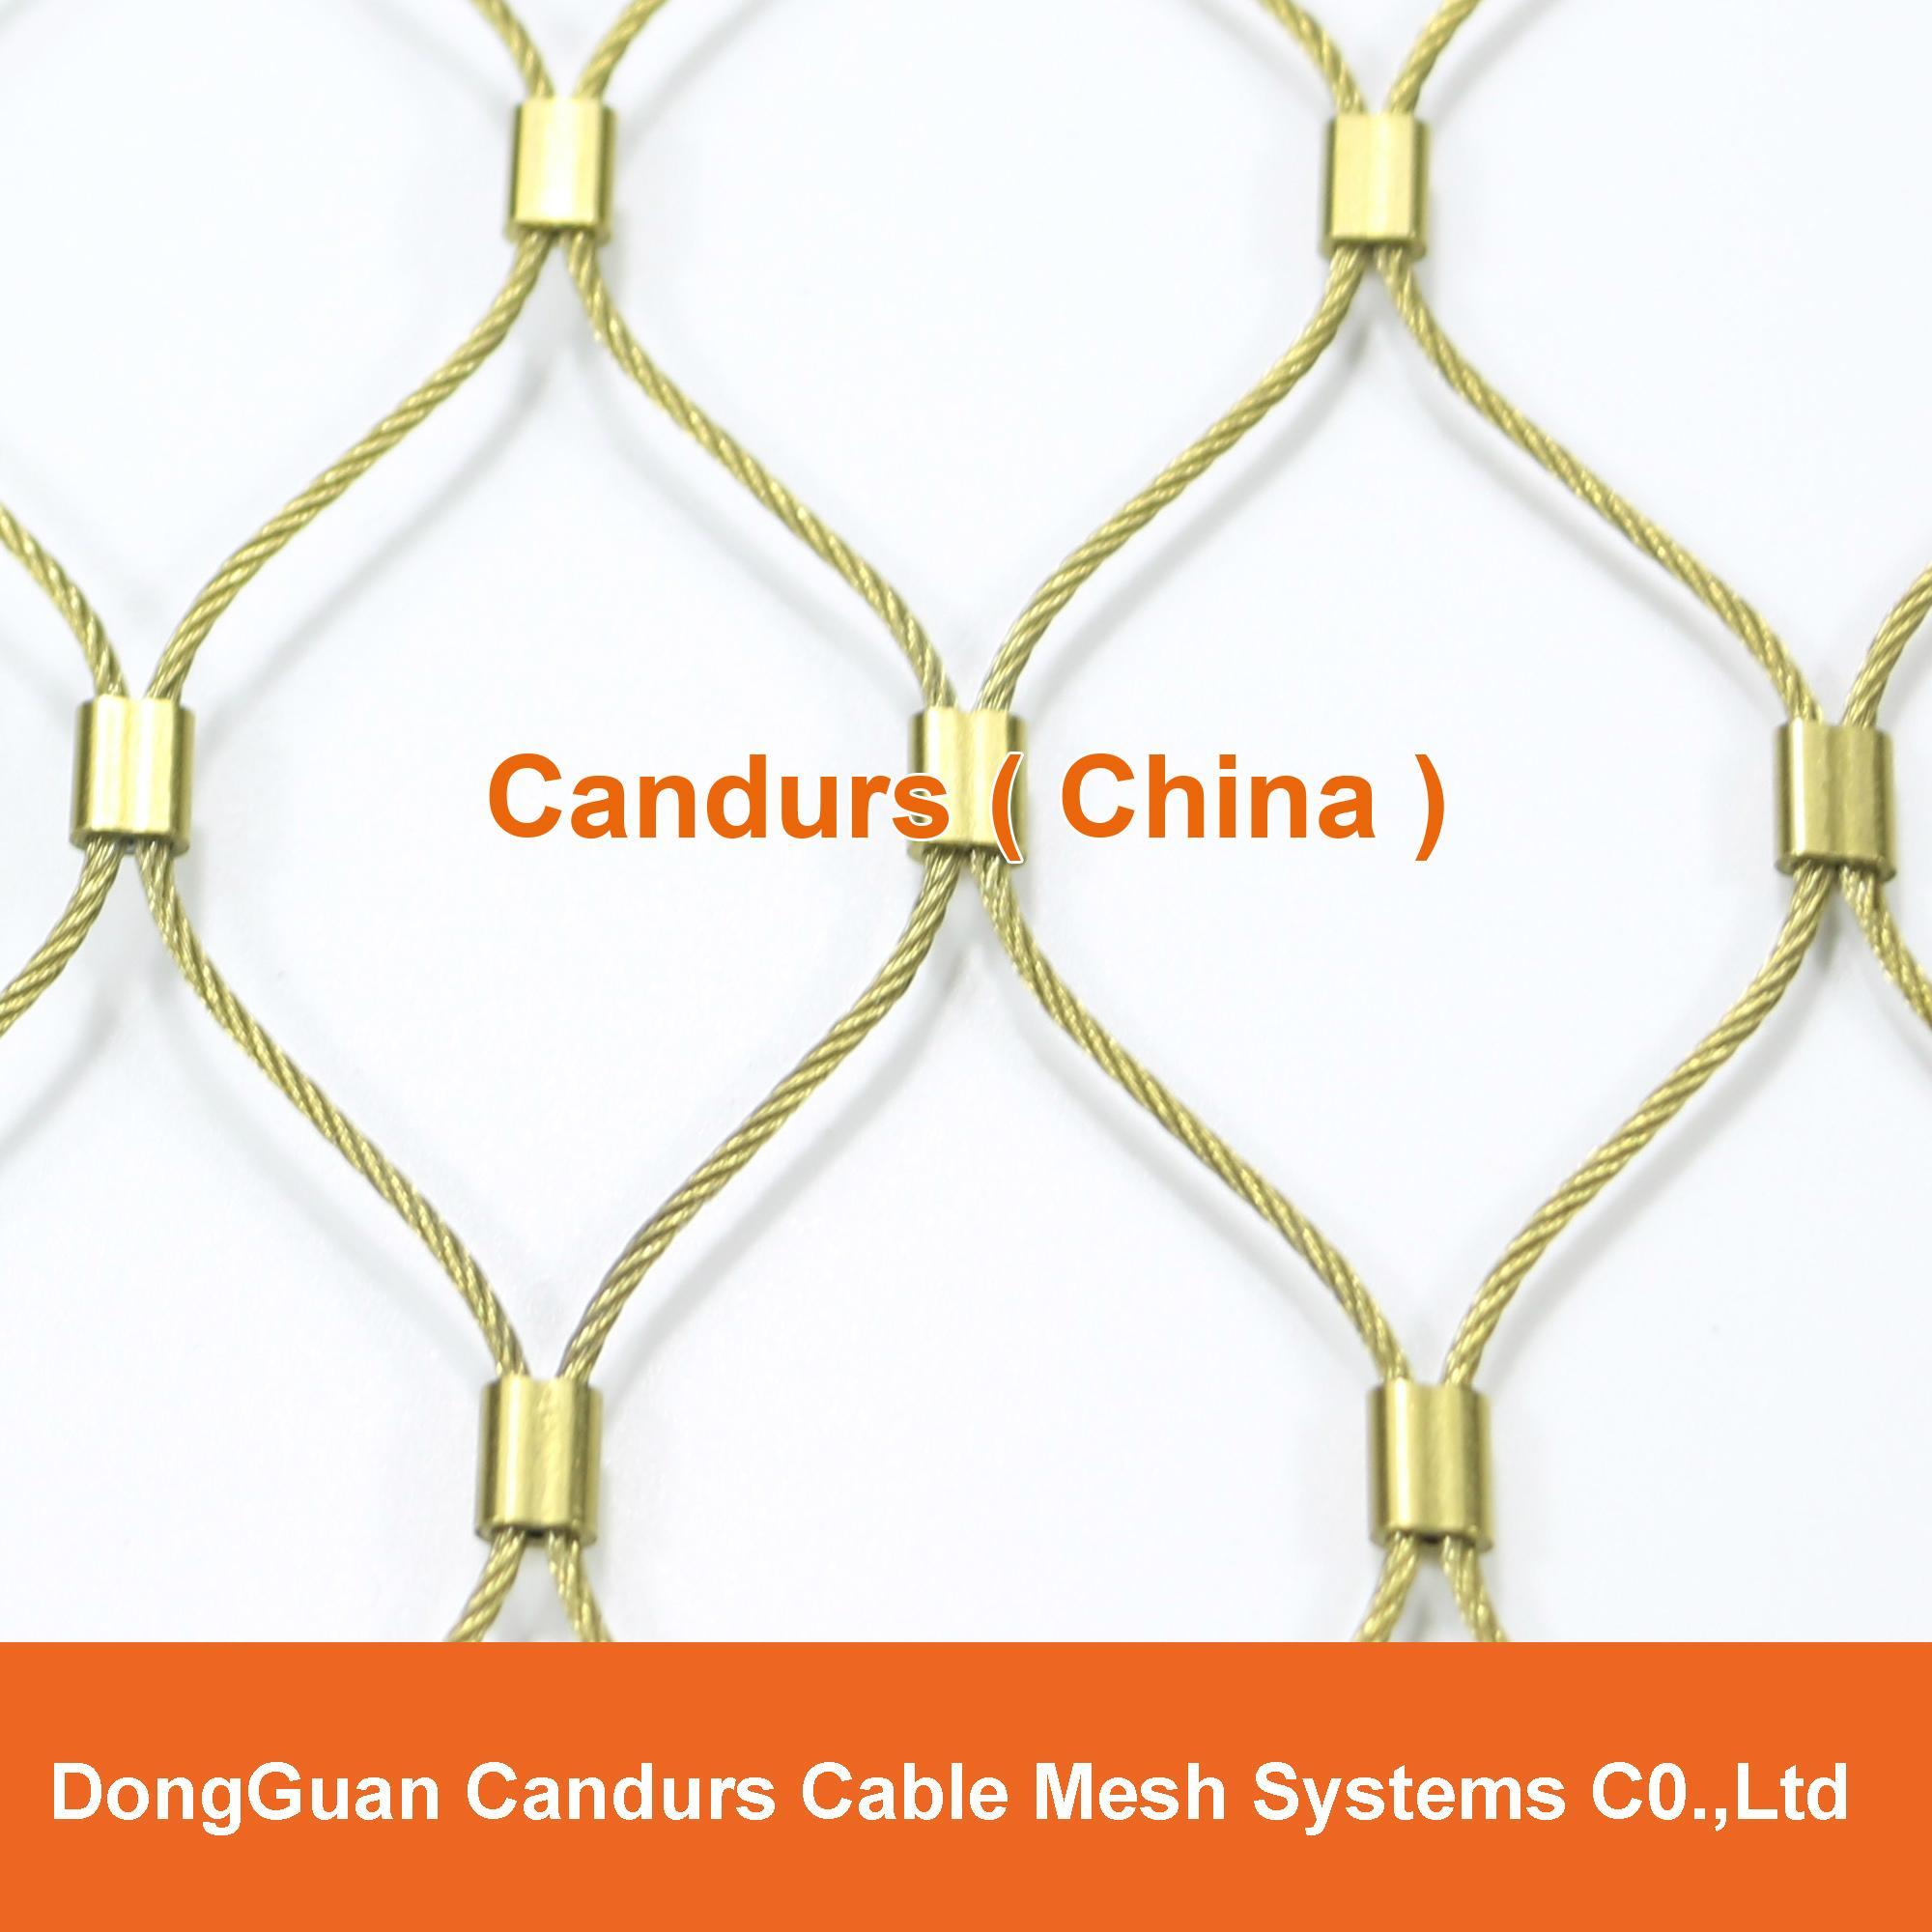 新工藝不鏽鋼扶手網 6